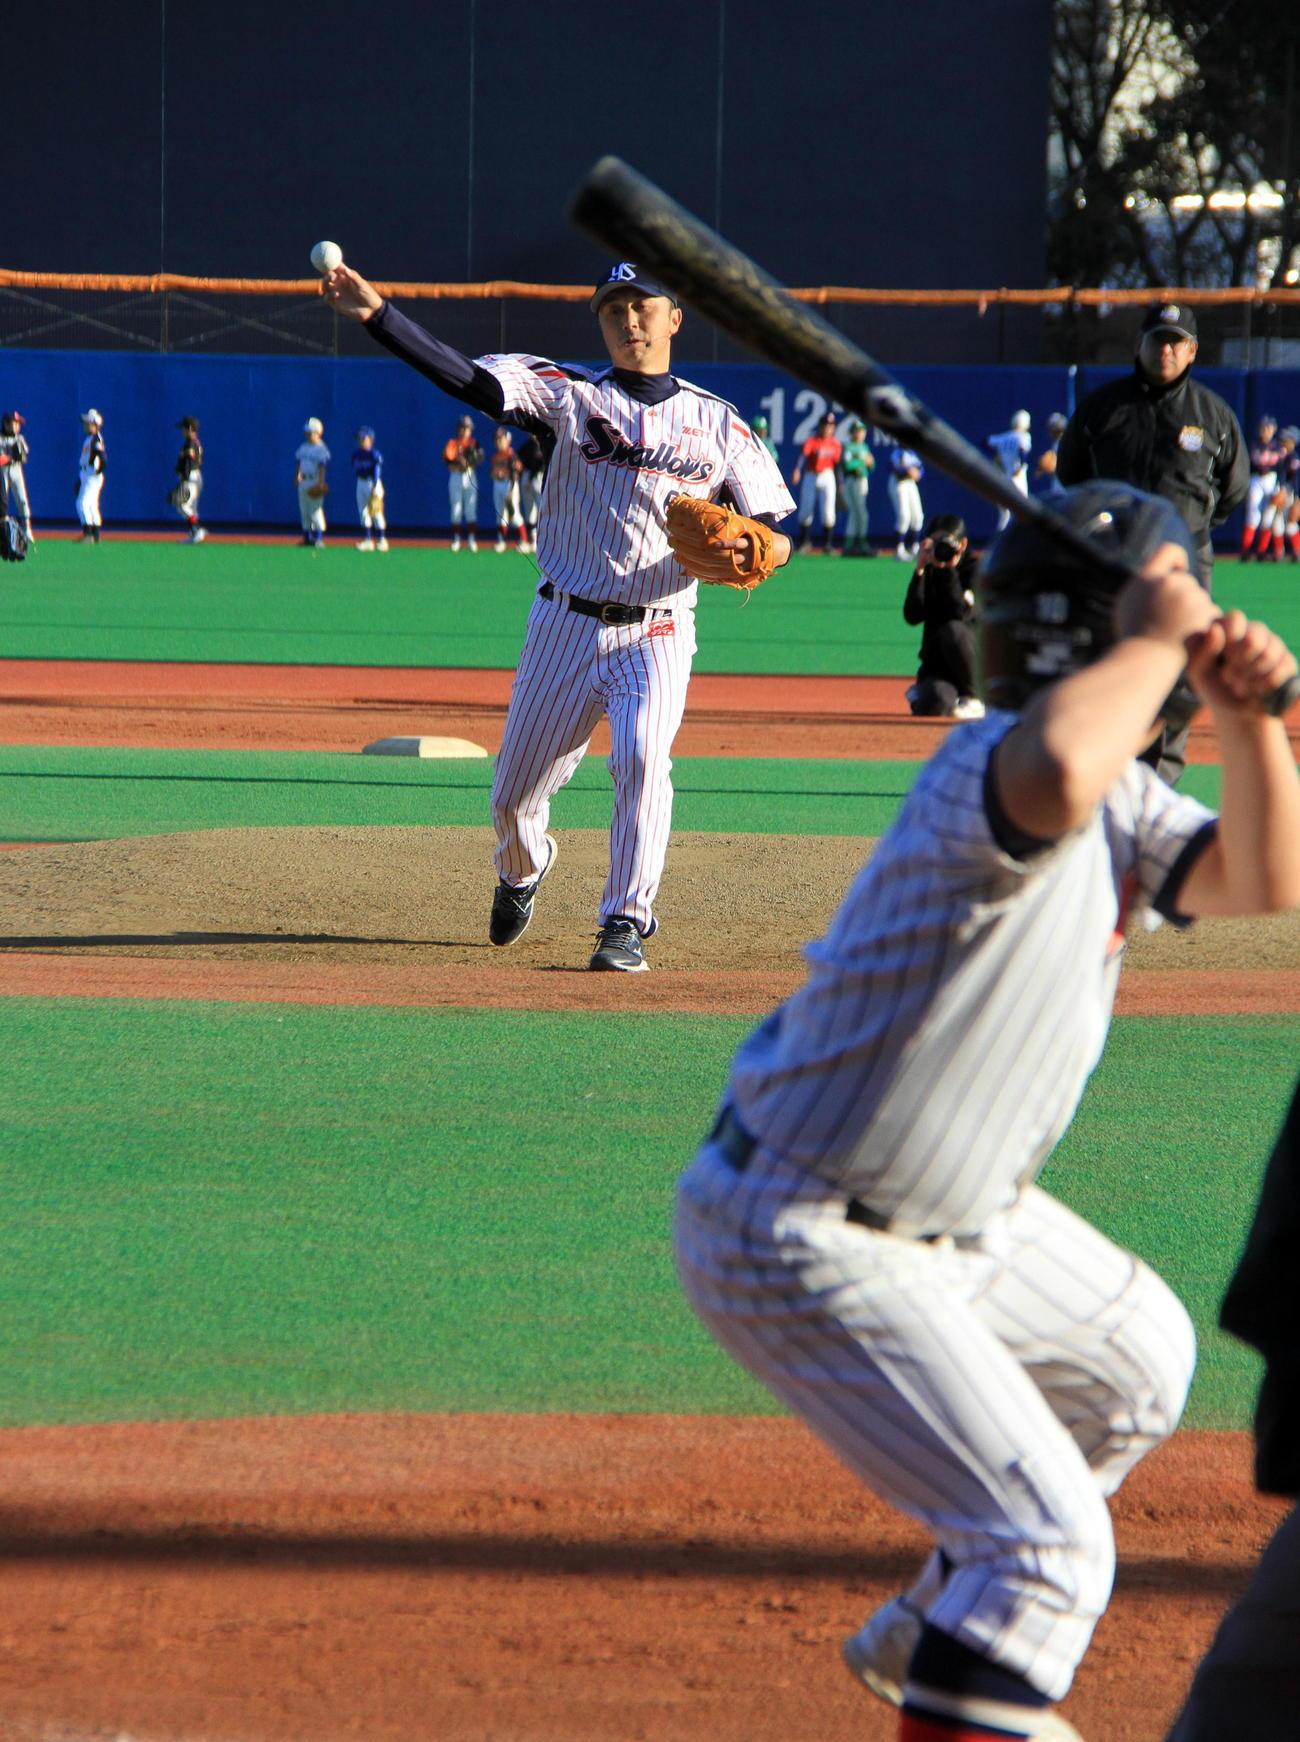 選手全員の打撃投手を務めた宮本氏。バントは禁止で選手はフルスイング